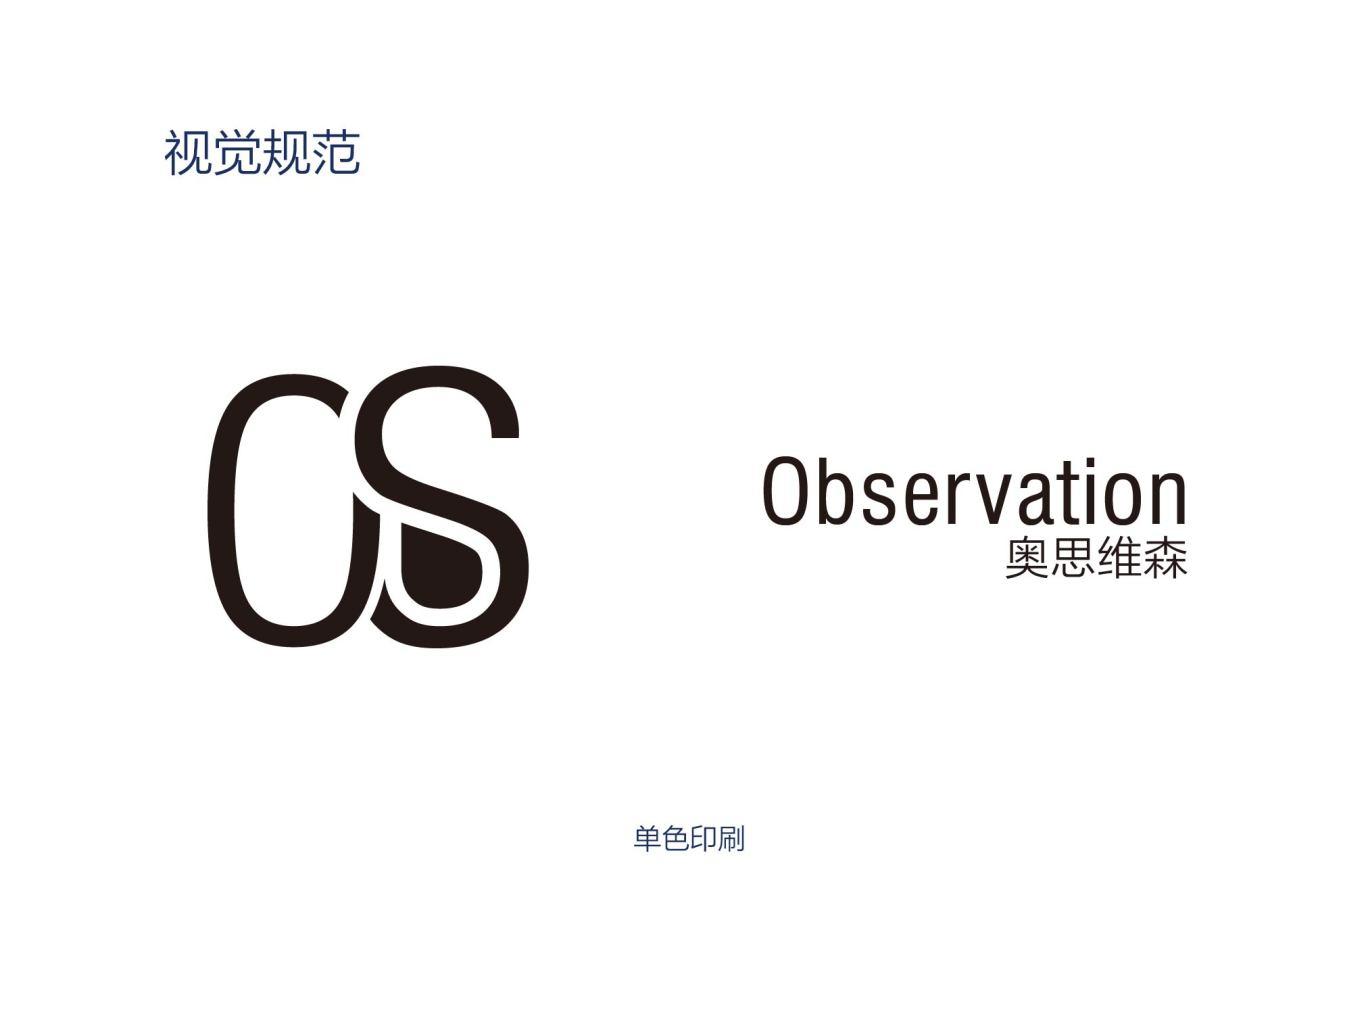 奥思维森logo设计图5